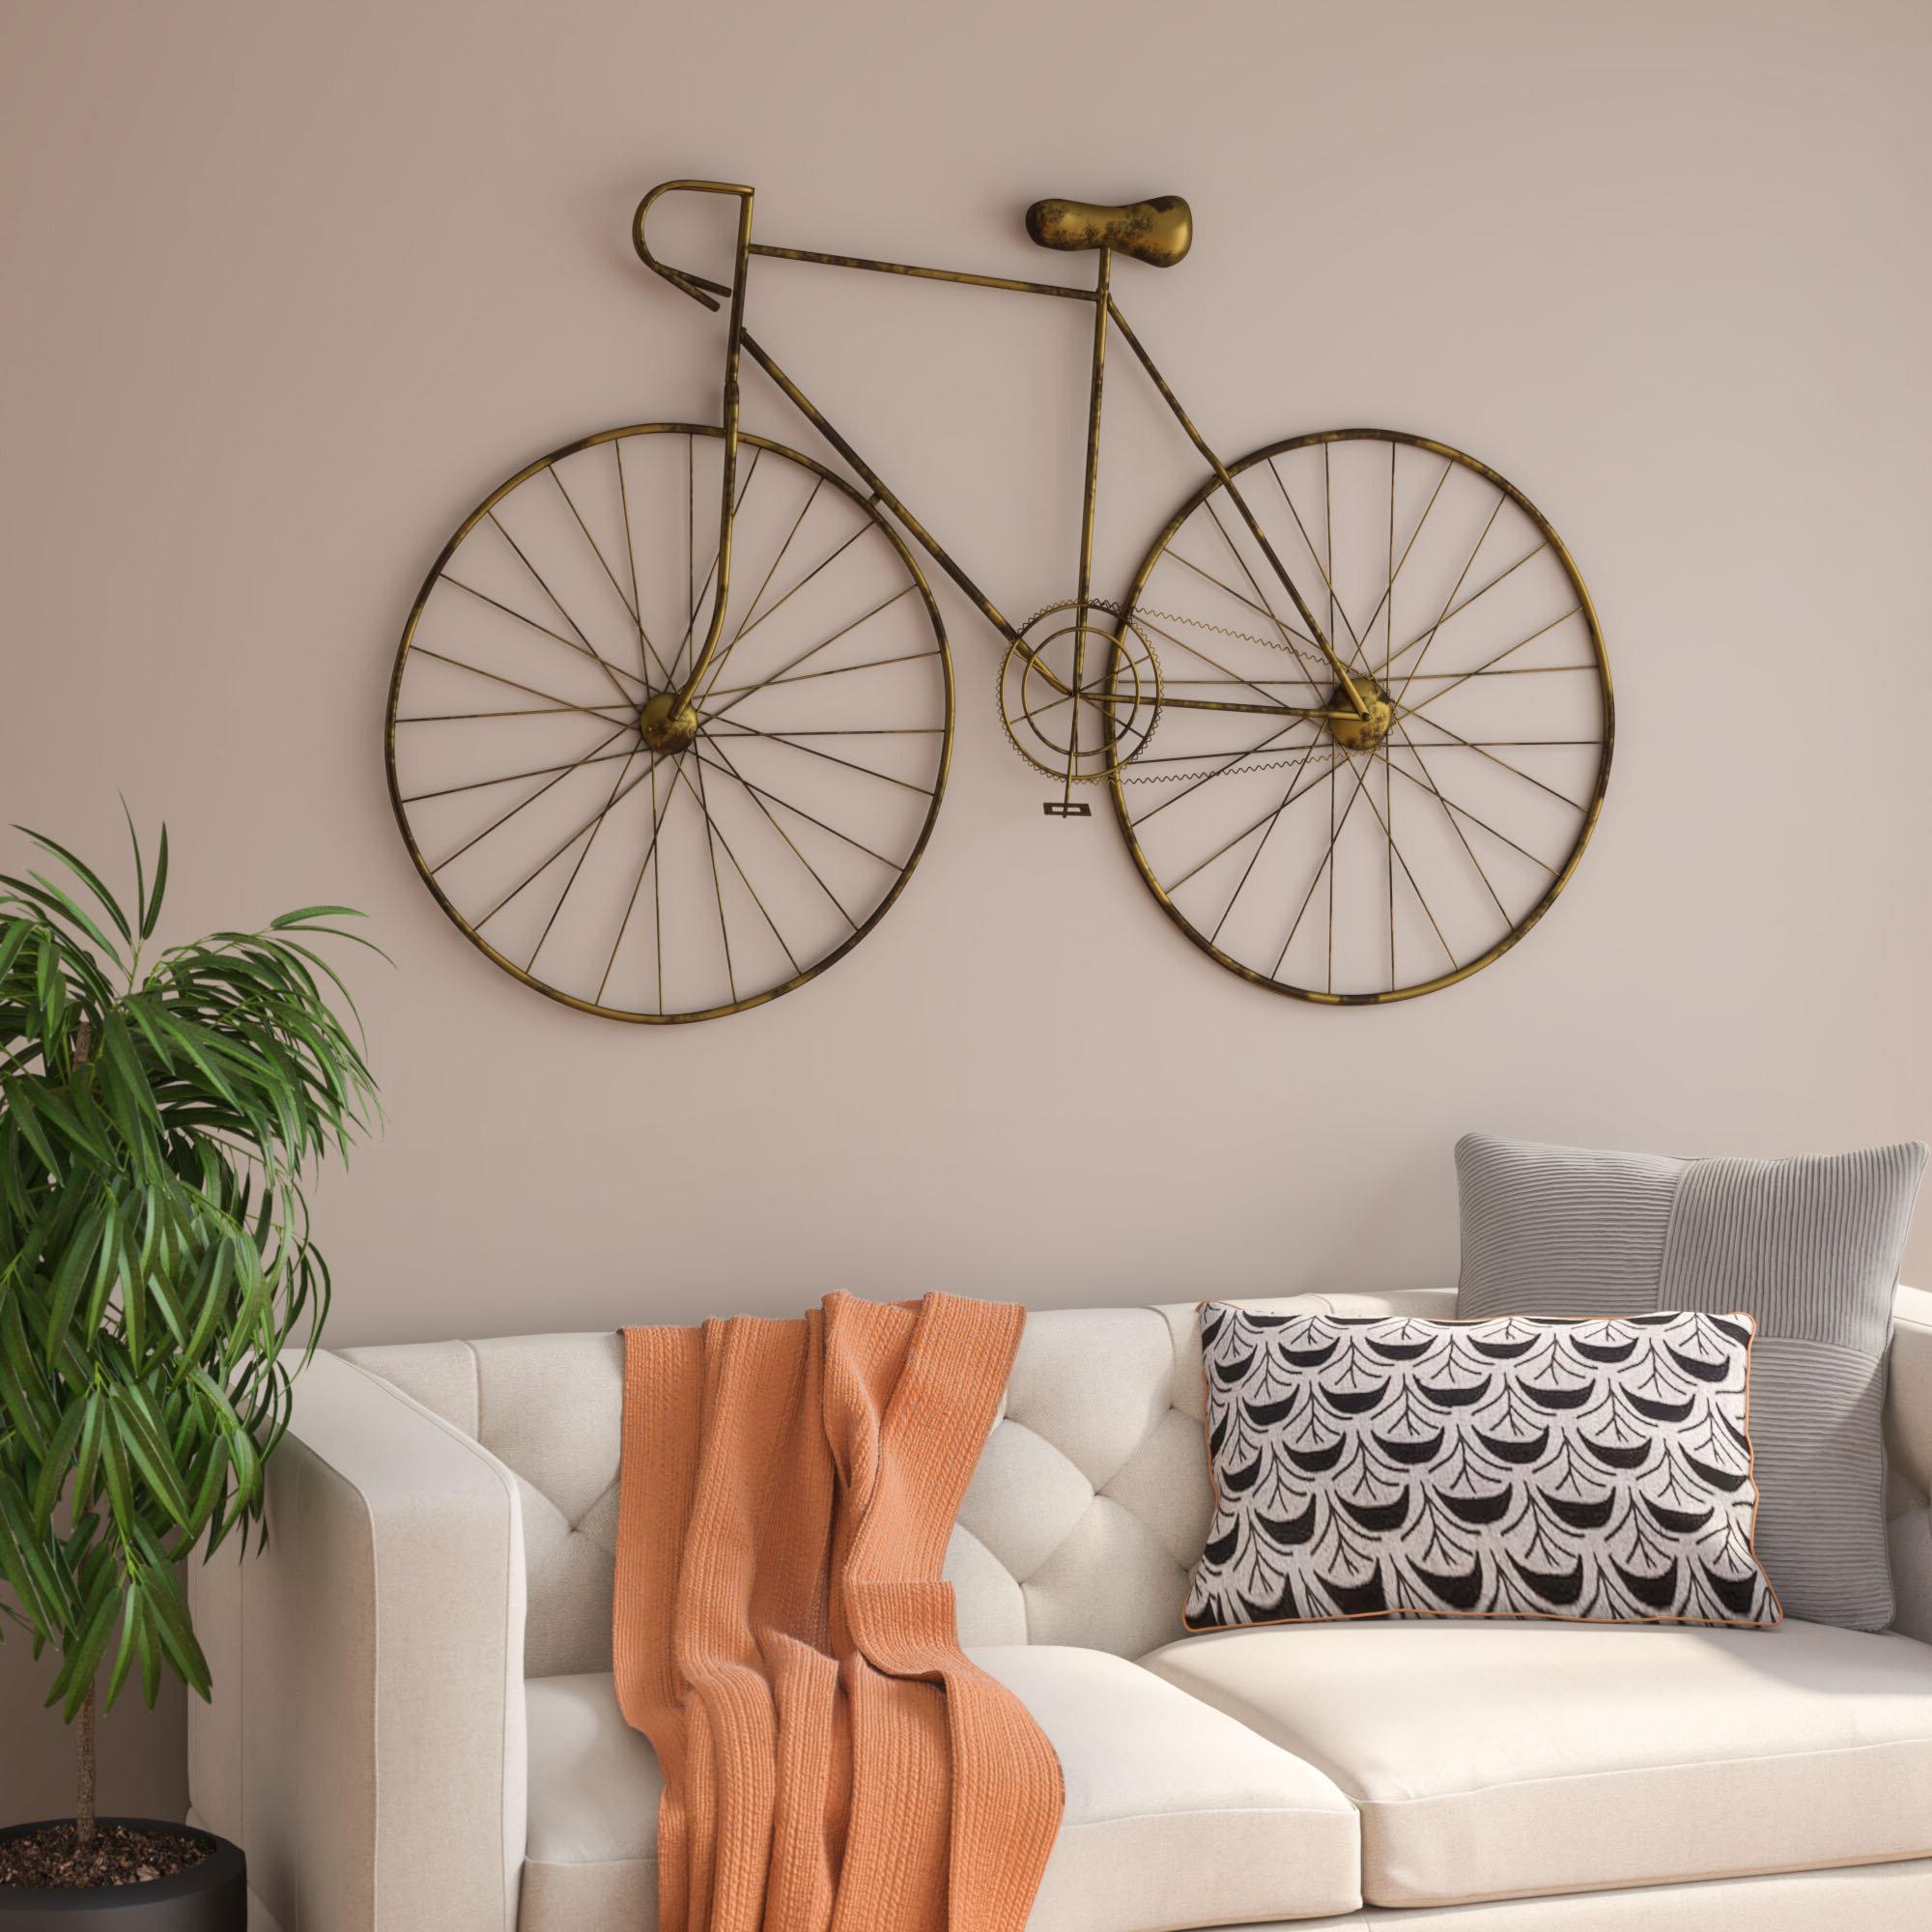 Brayden Studio Bronze Bicycle Wall Décor & Reviews (View 7 of 20)